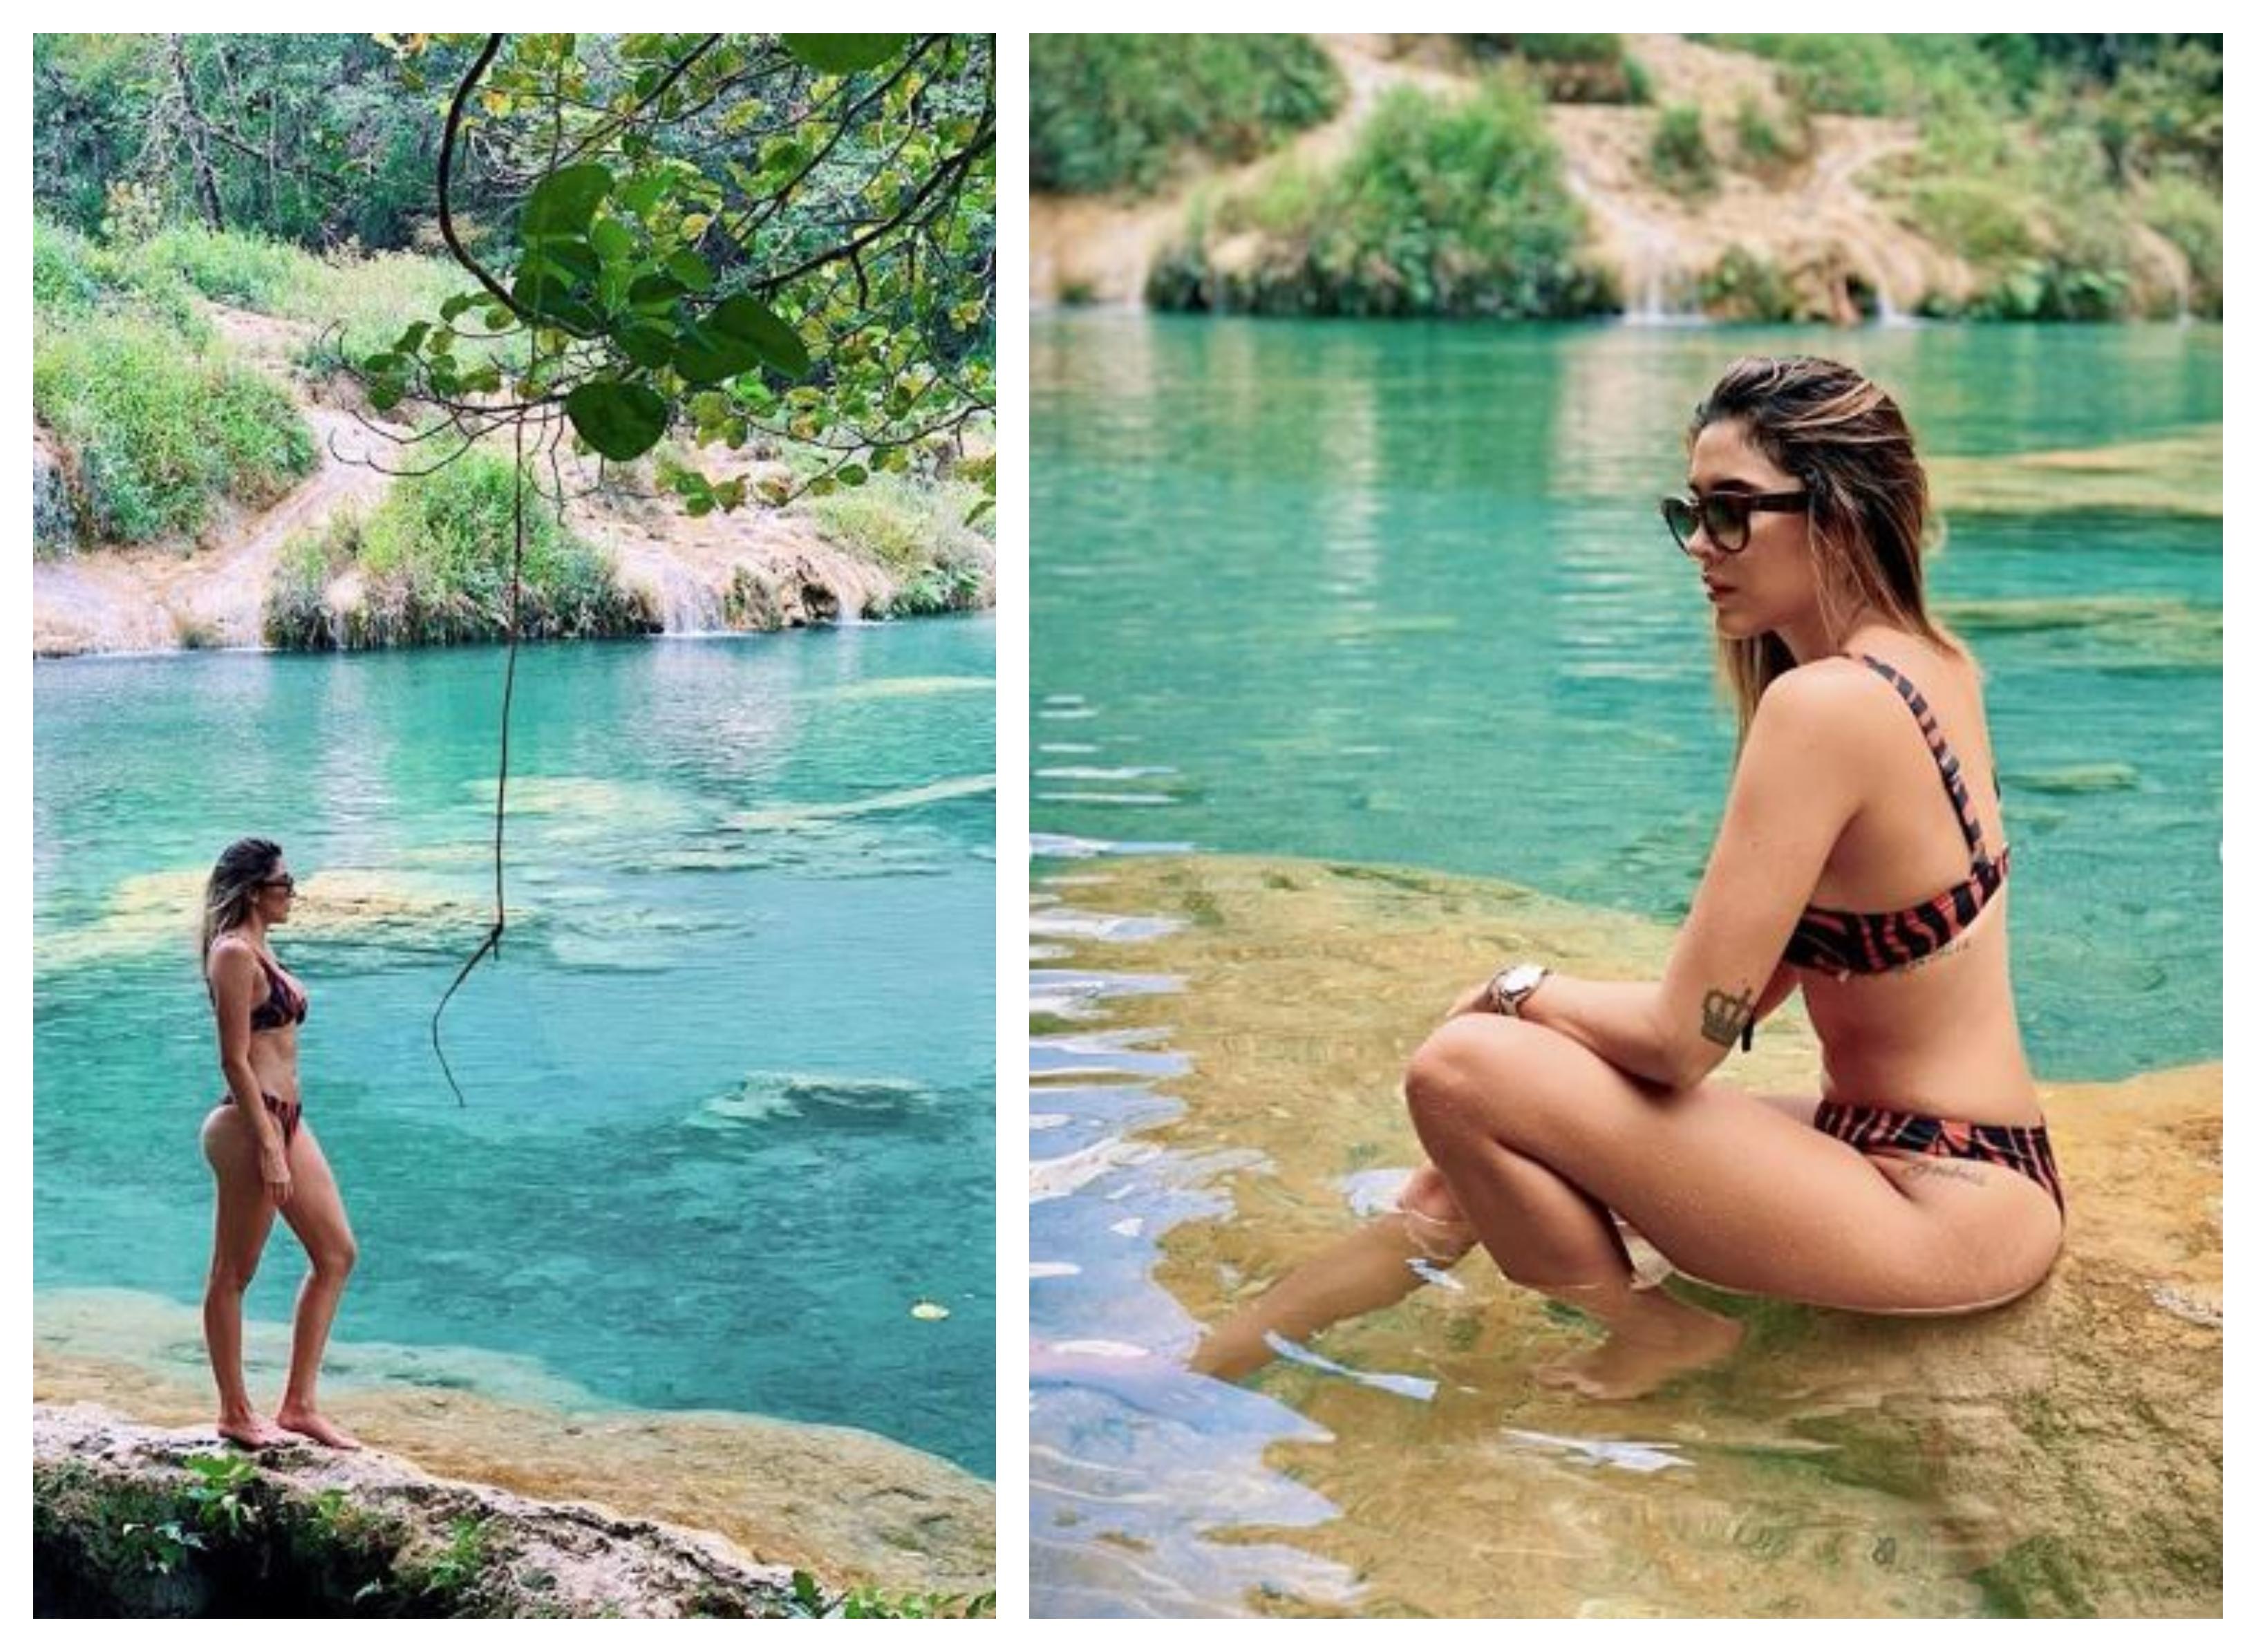 Daniela Ospina, exesposa de James Rodríguez, está de visita en Guatemala. (Foto Prensa Libre: Instagram)